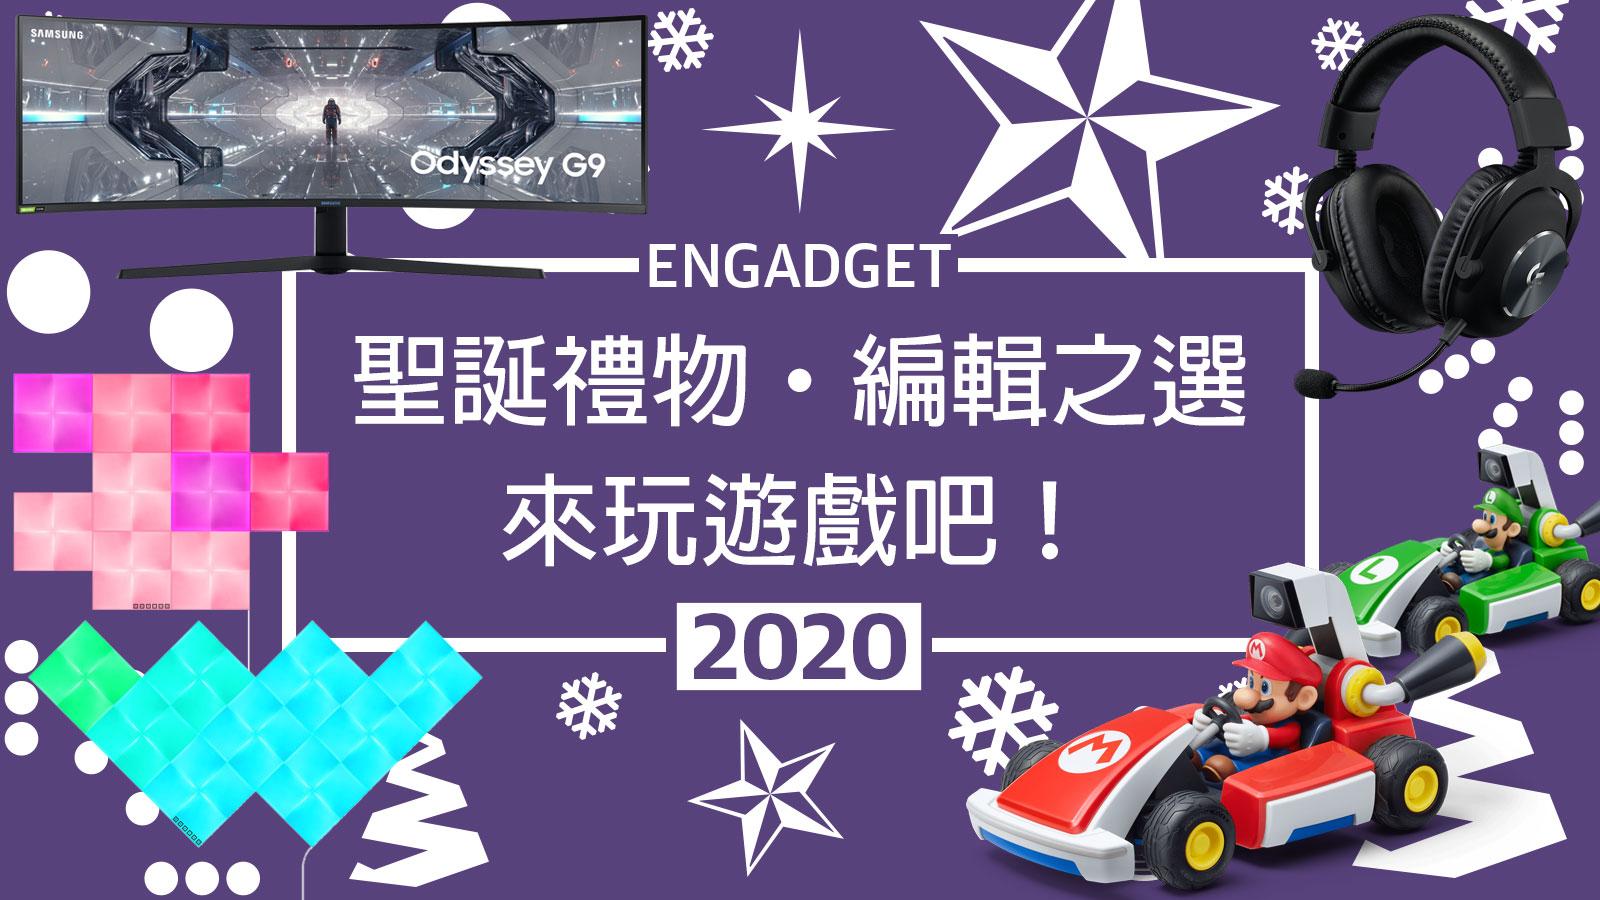 聖誕禮物 2020 編輯之選:來玩遊戲吧!